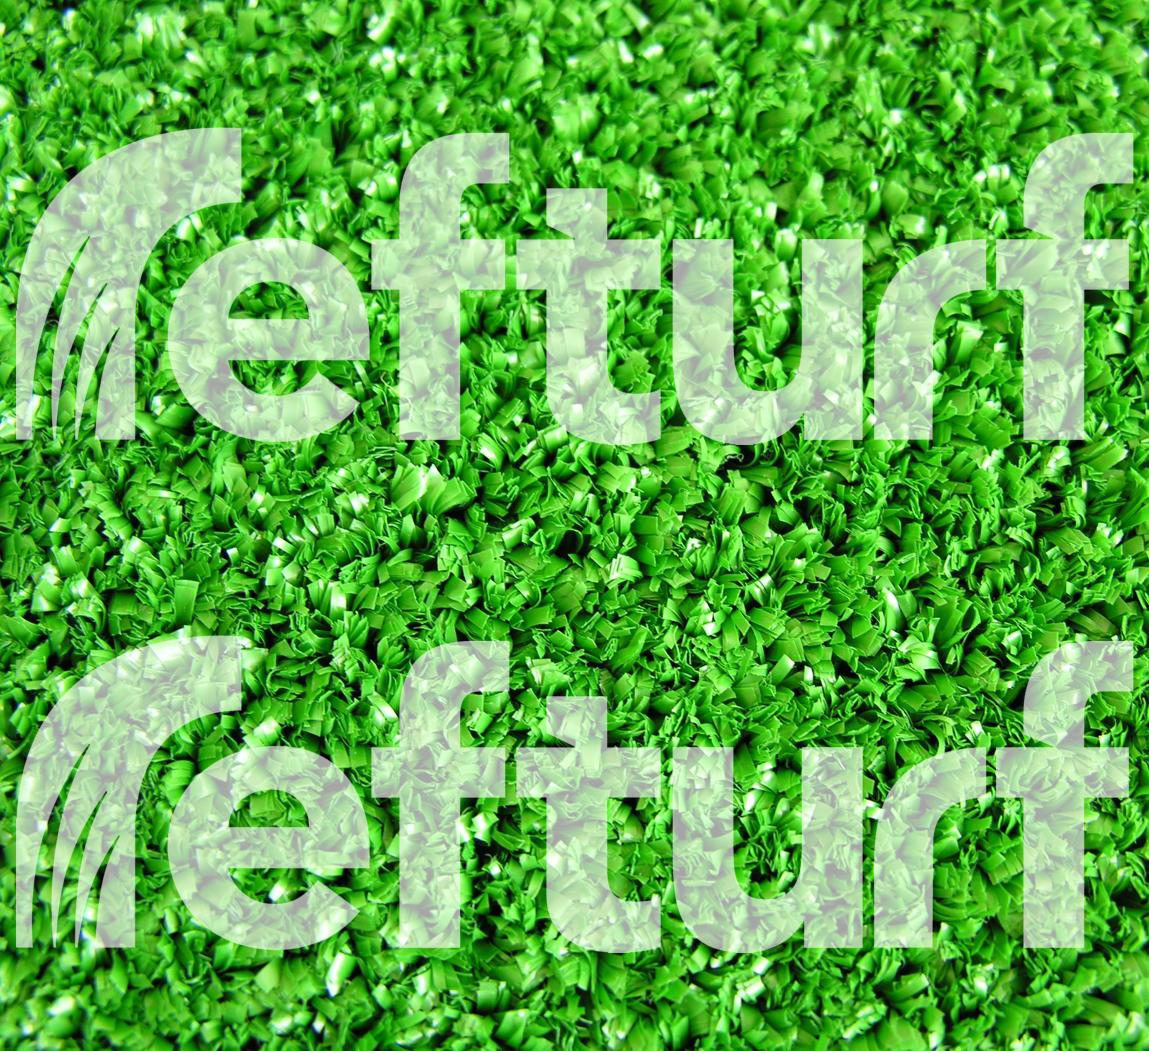 çim, sıkı çim, yeşil çim, sıkı çim görüntüsü,